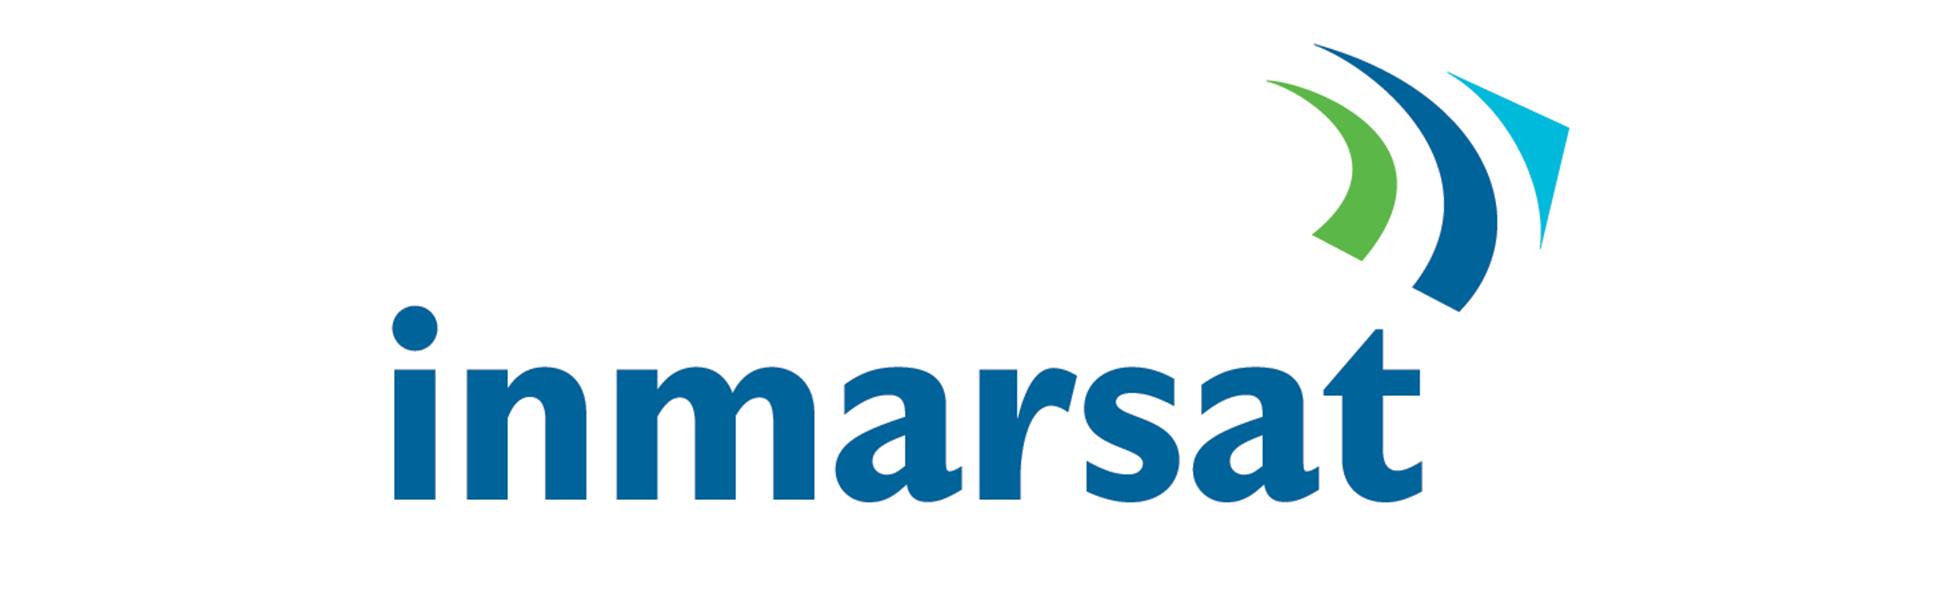 логоинмарсат.png